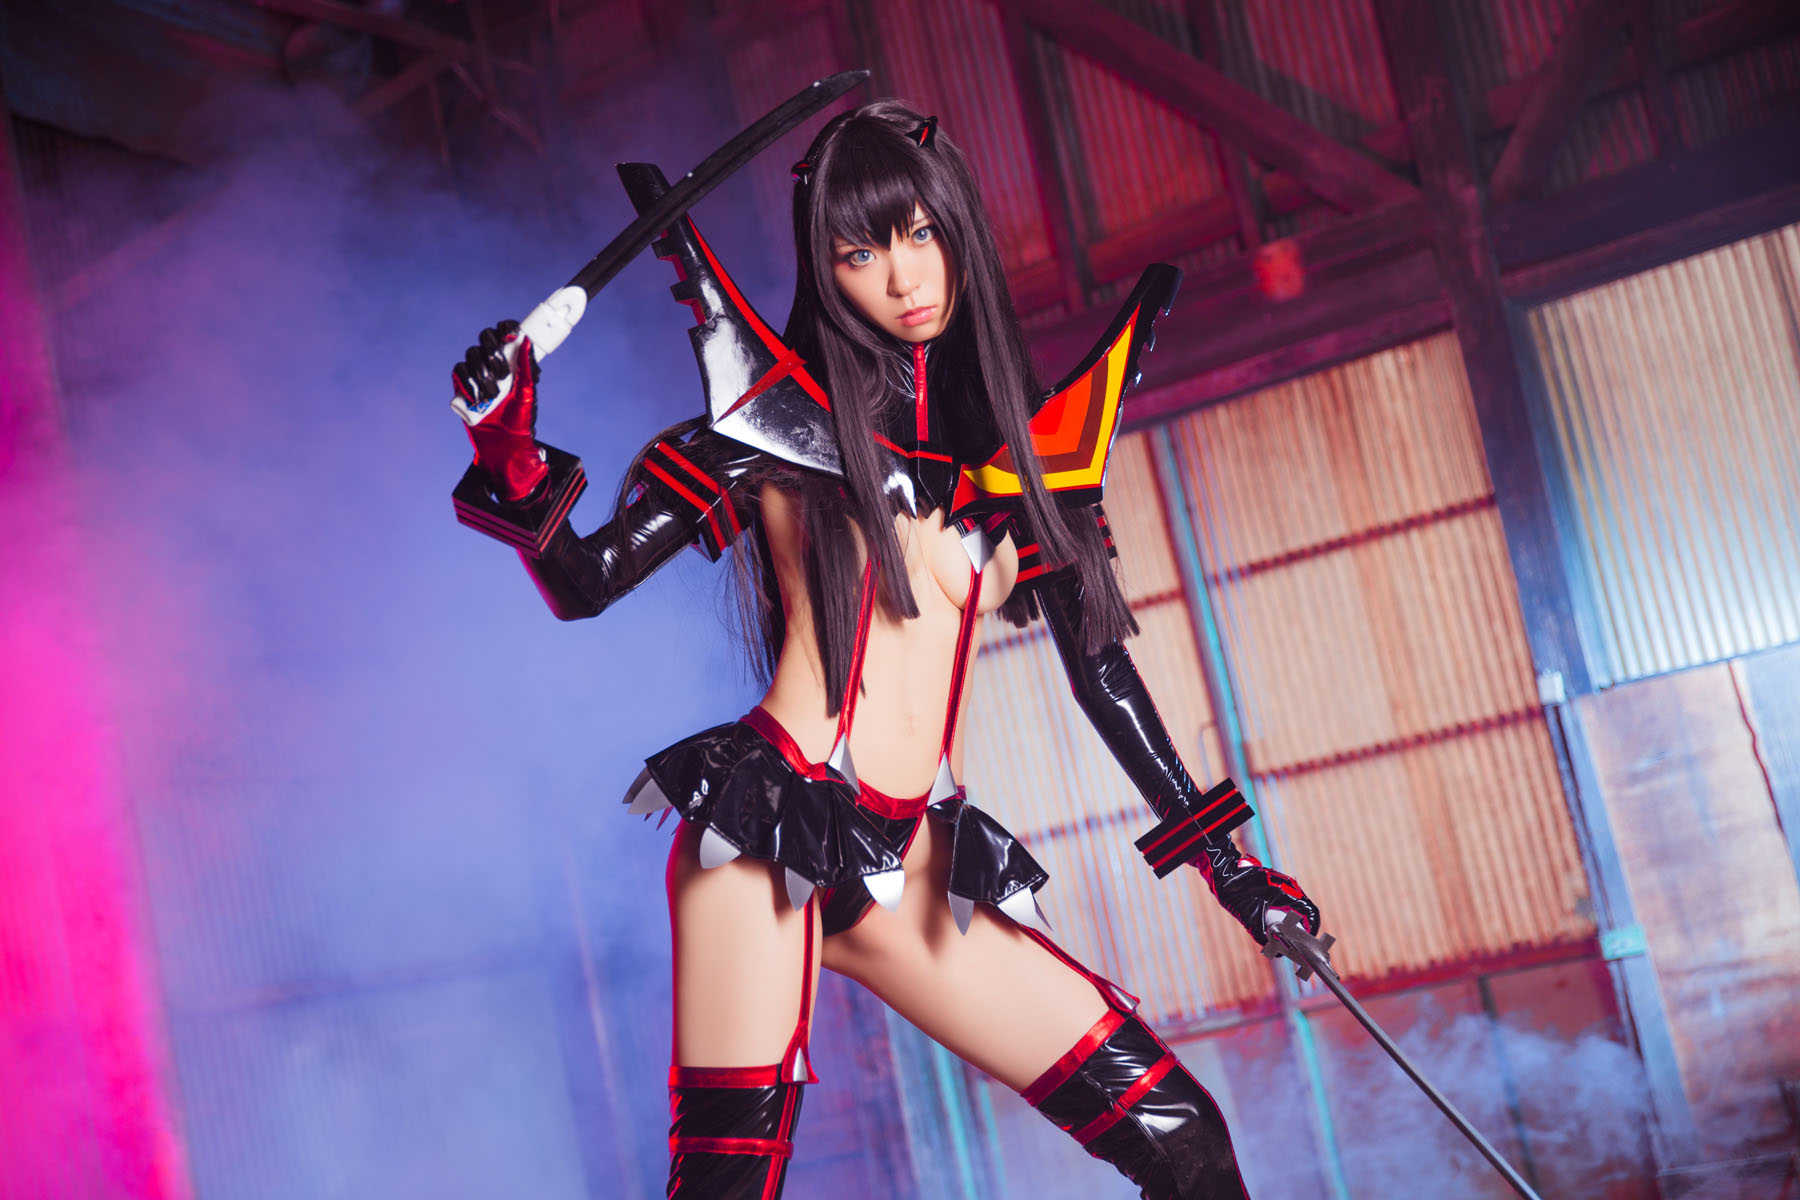 Kill la Kill Satsuki Kiryuuin anime cosplay by Mikehouse 0039